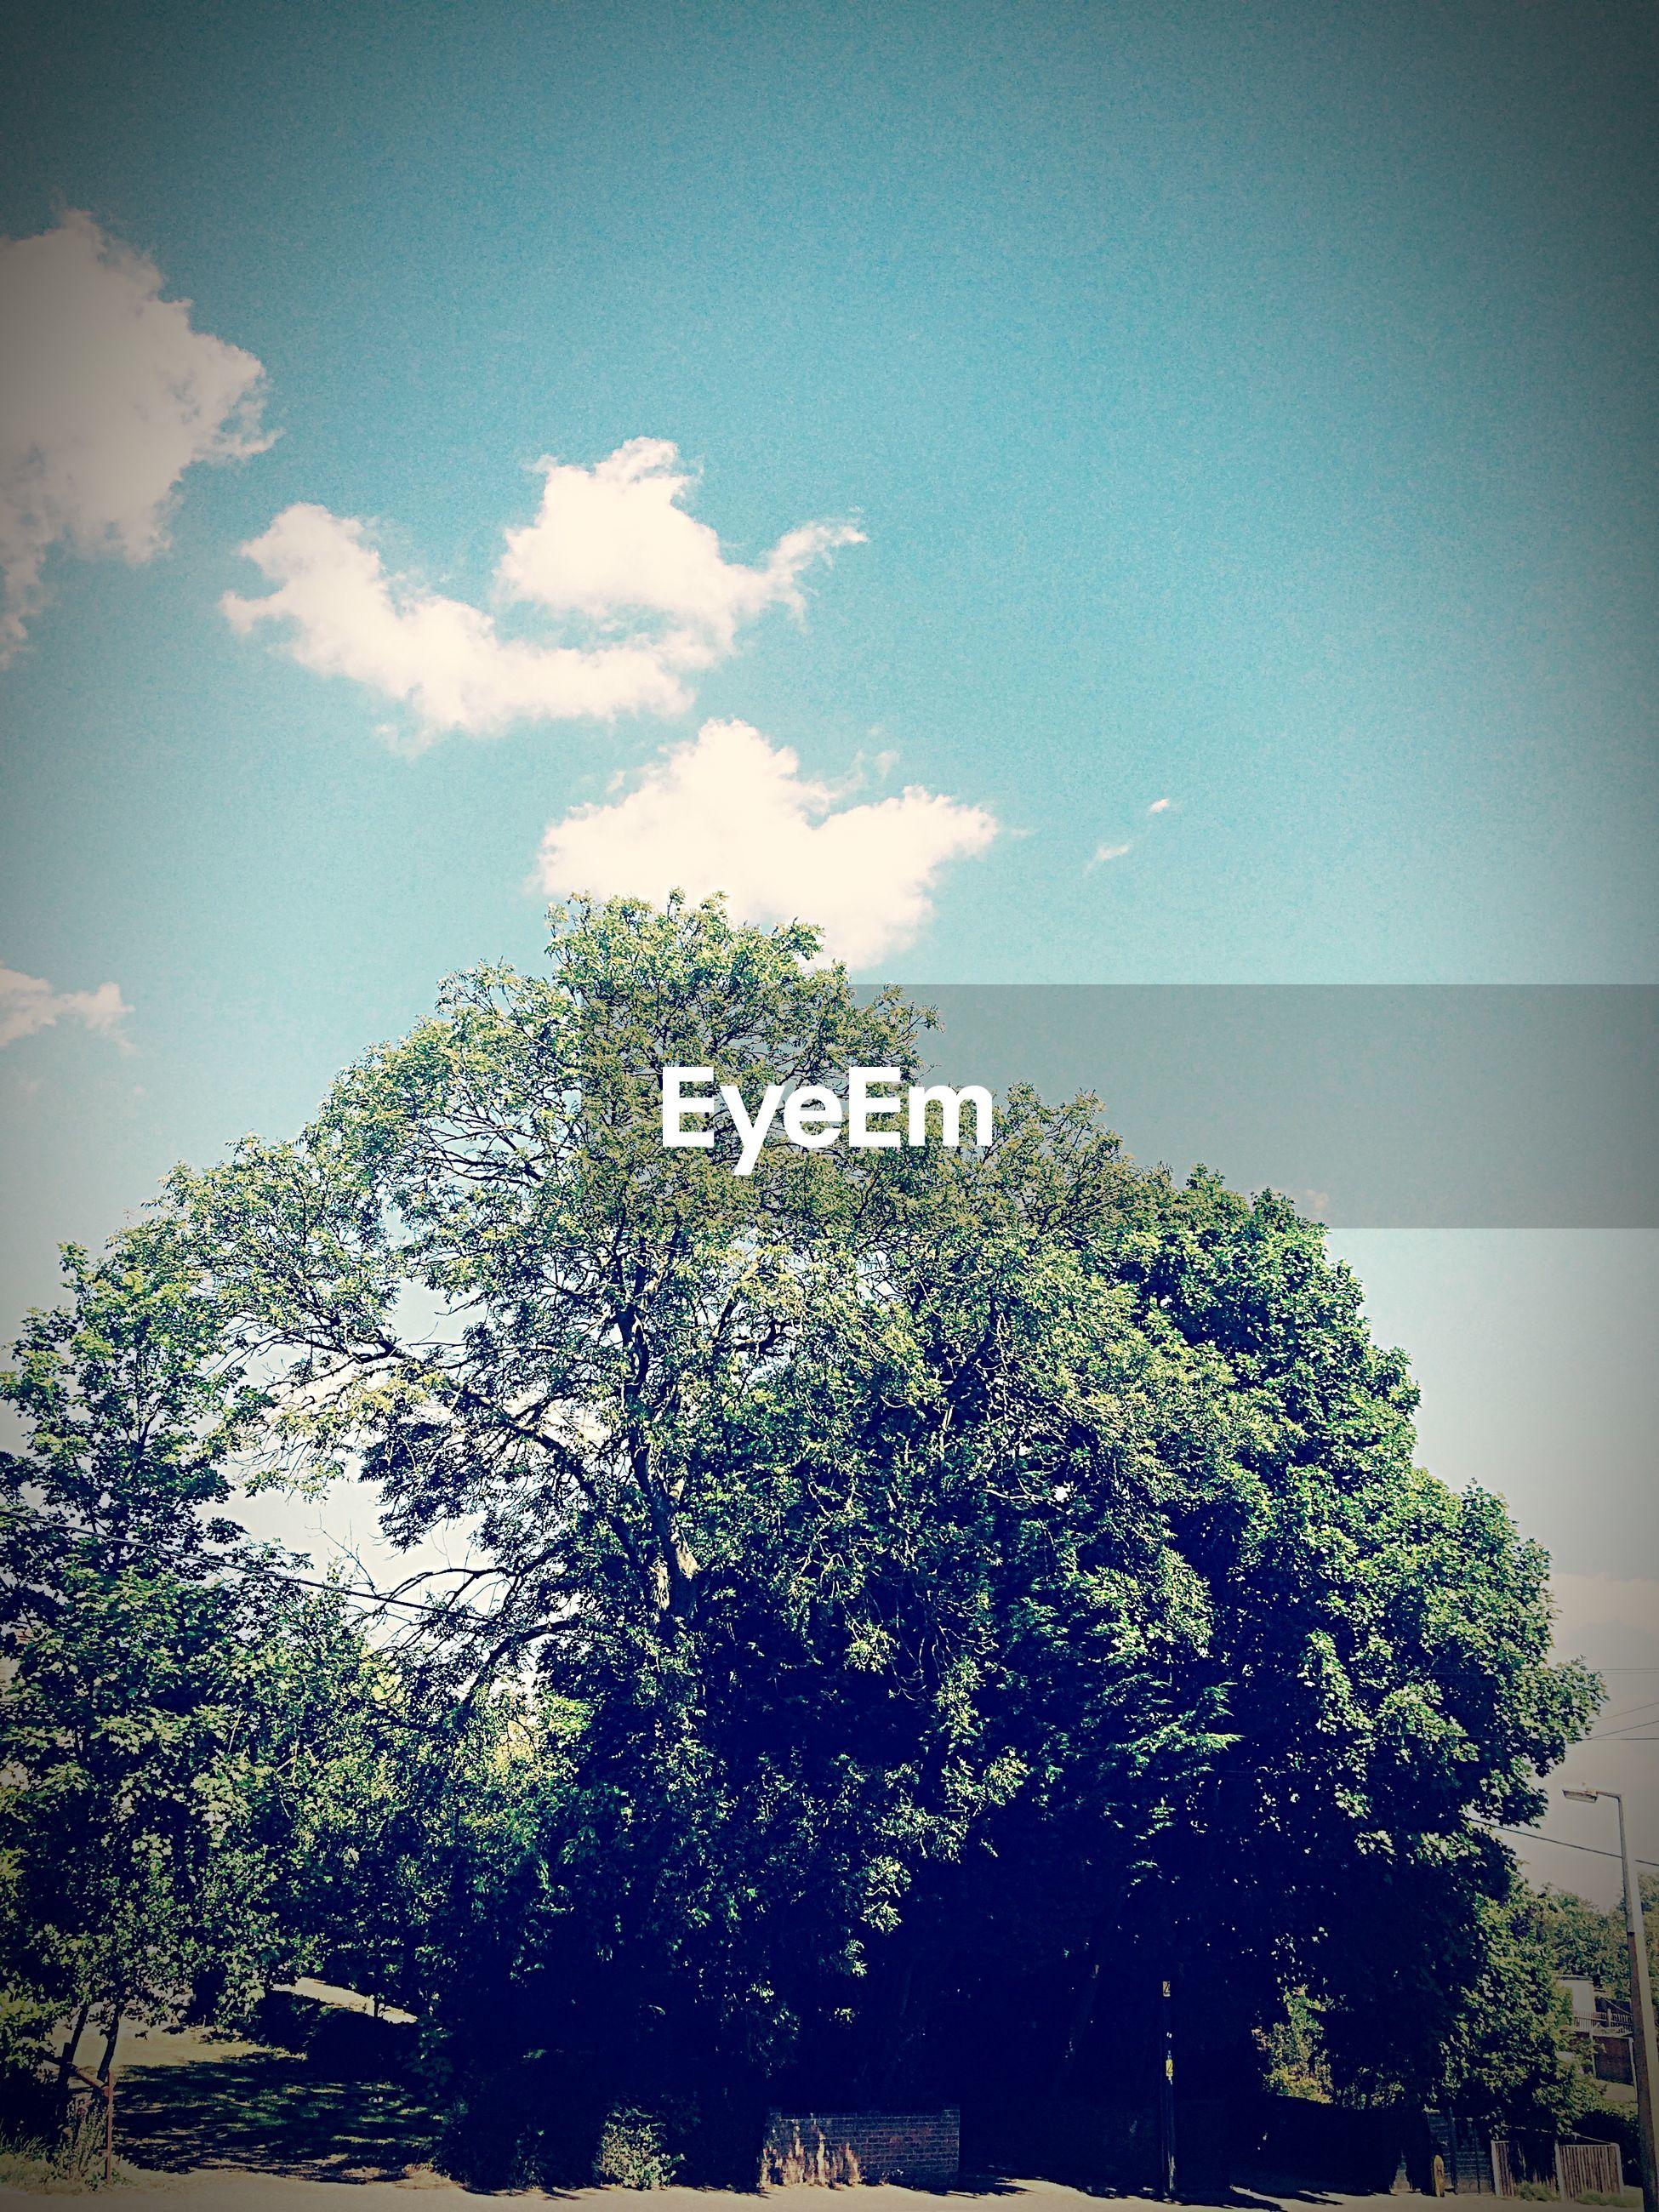 Tree growing against sky